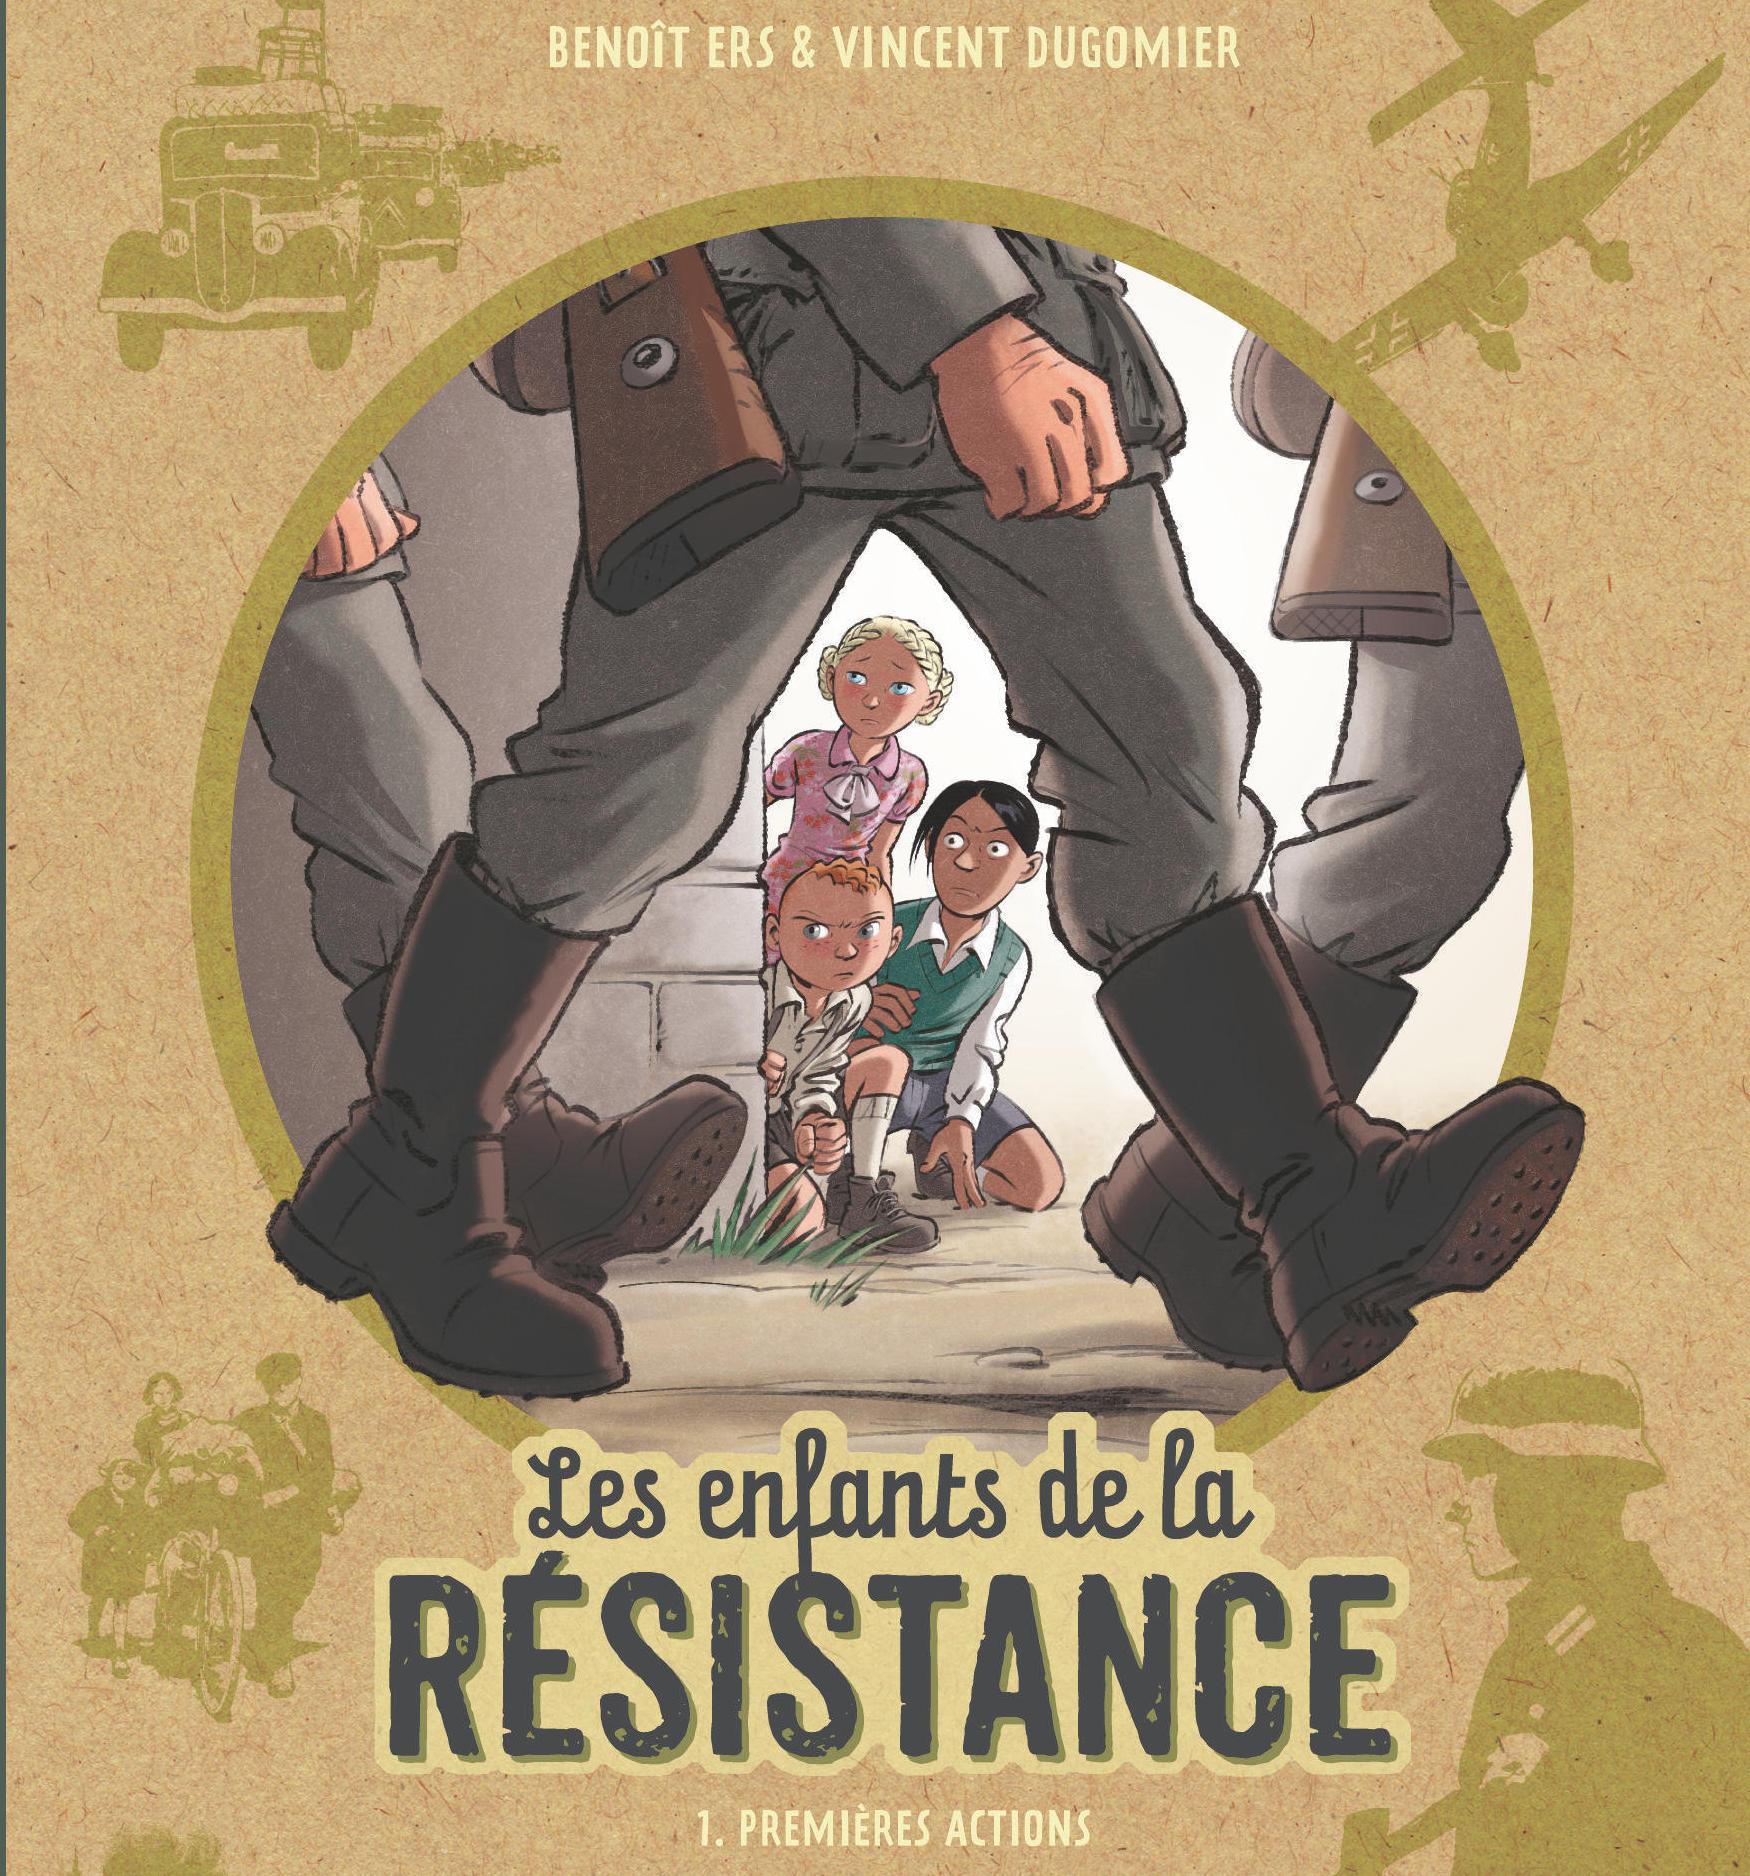 Concours - Remportez l'intégralité de la série Les Enfants de la Résistance, ainsi que les deux romans jeunesse adaptés de la série !